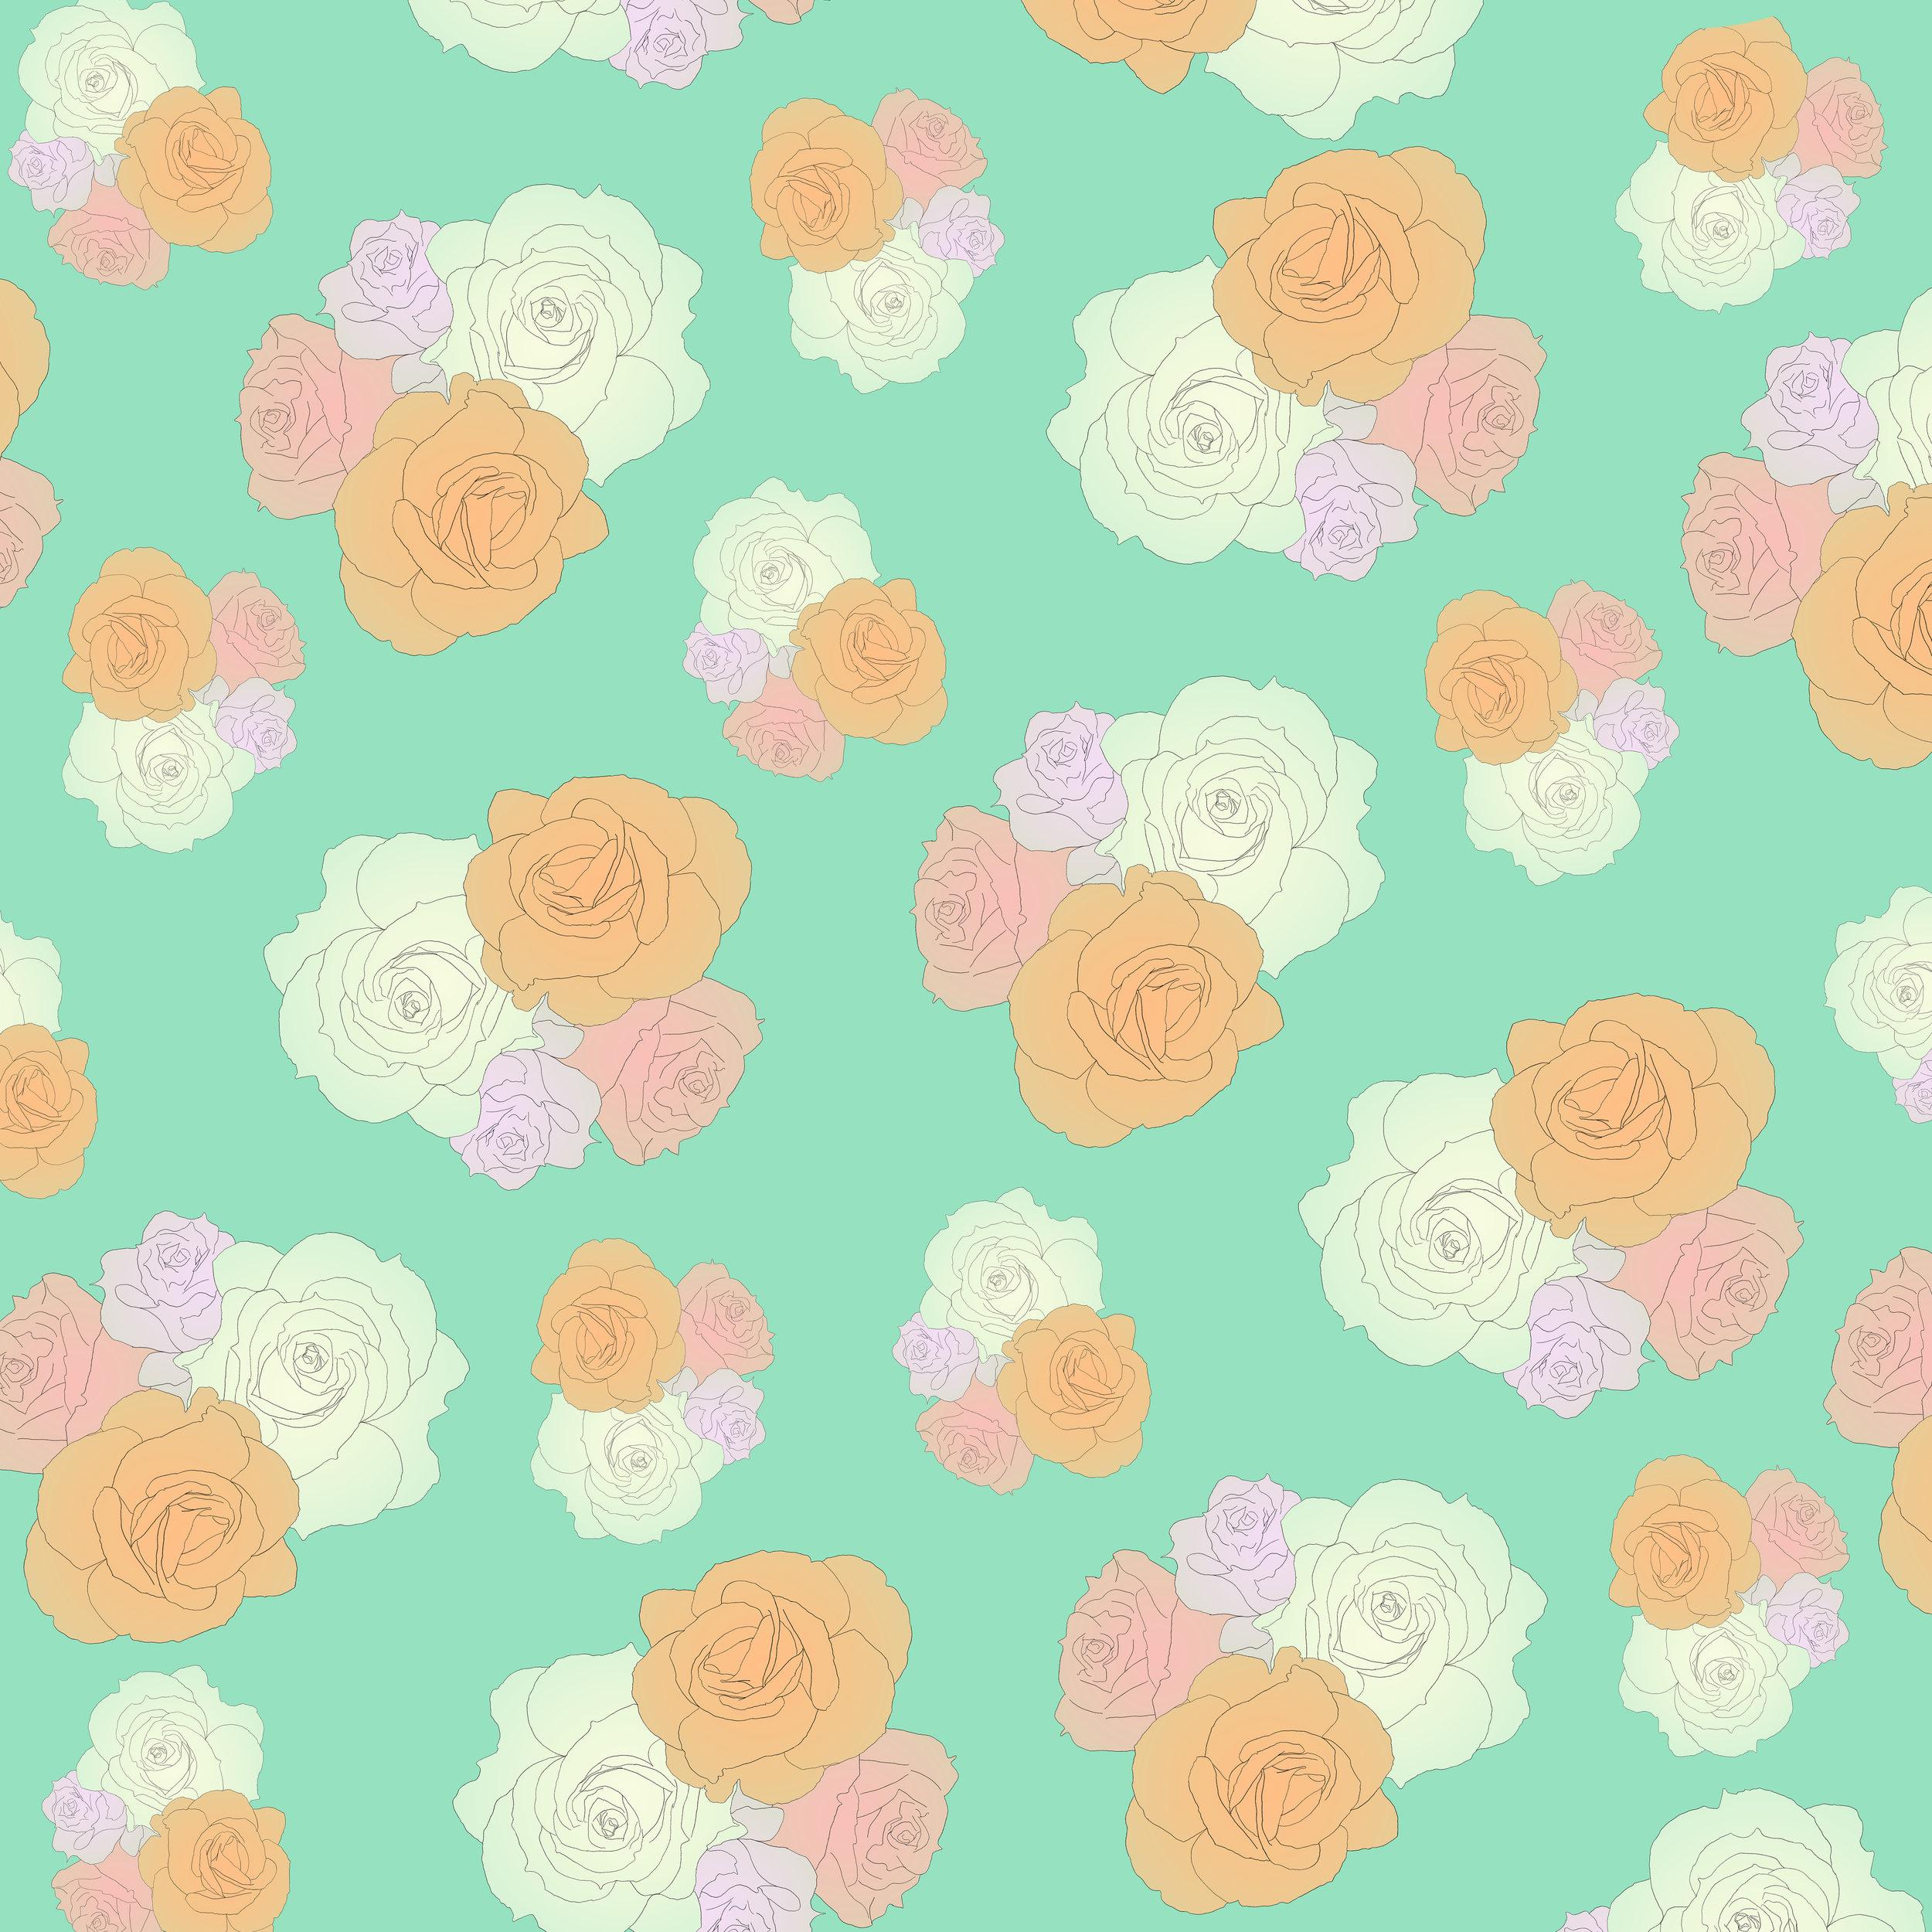 18_Flowers.jpg